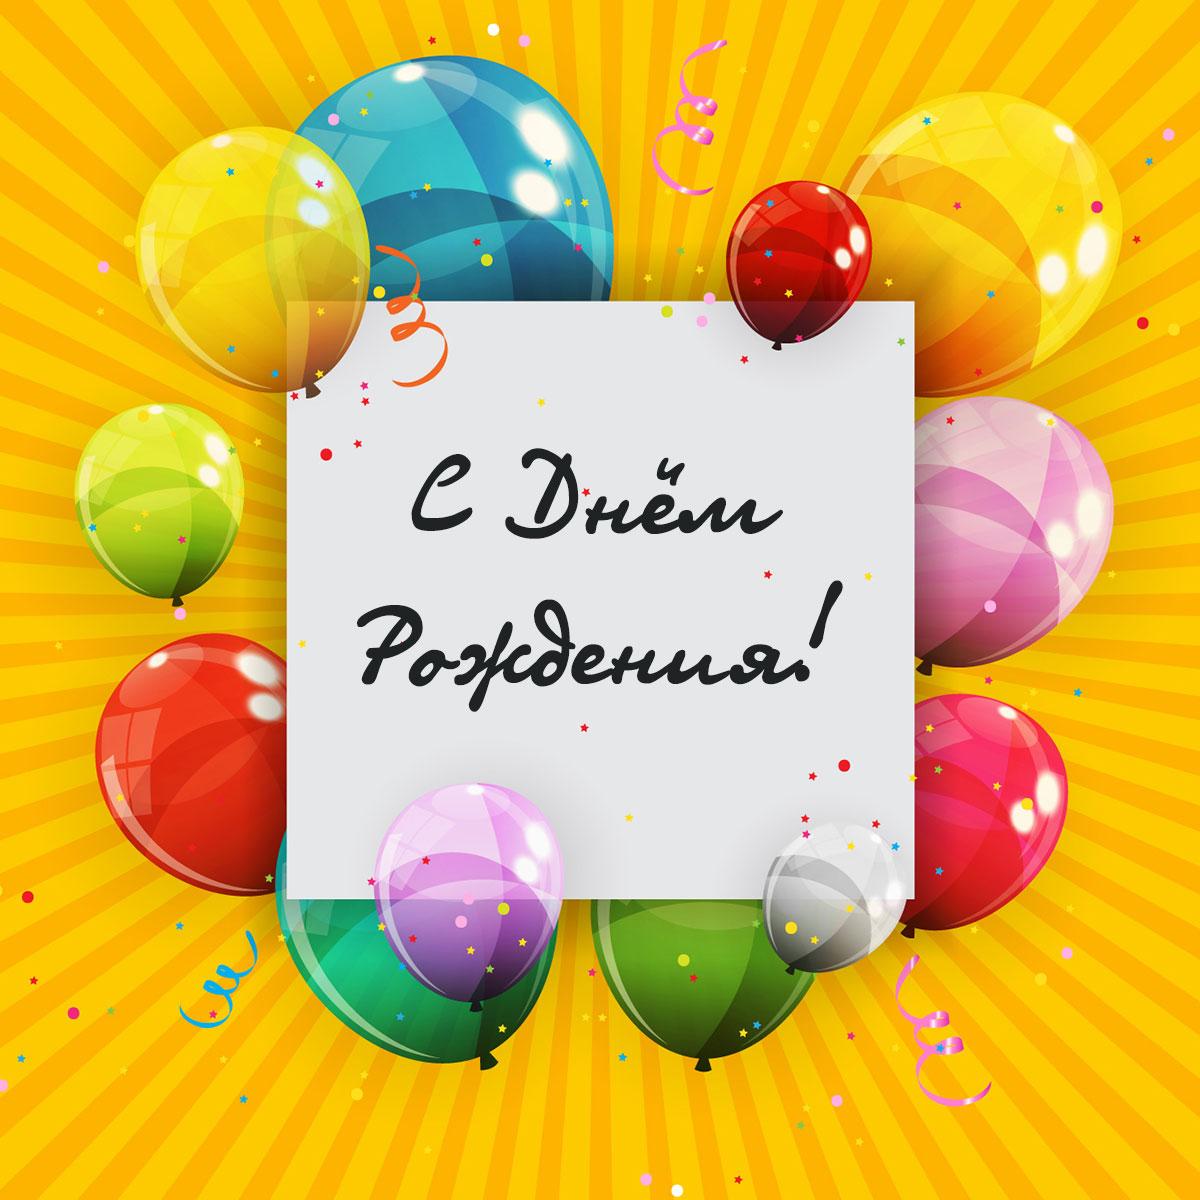 Картинка с разноцветными воздушными шарами и текстом на ярко жёлтом фоне.